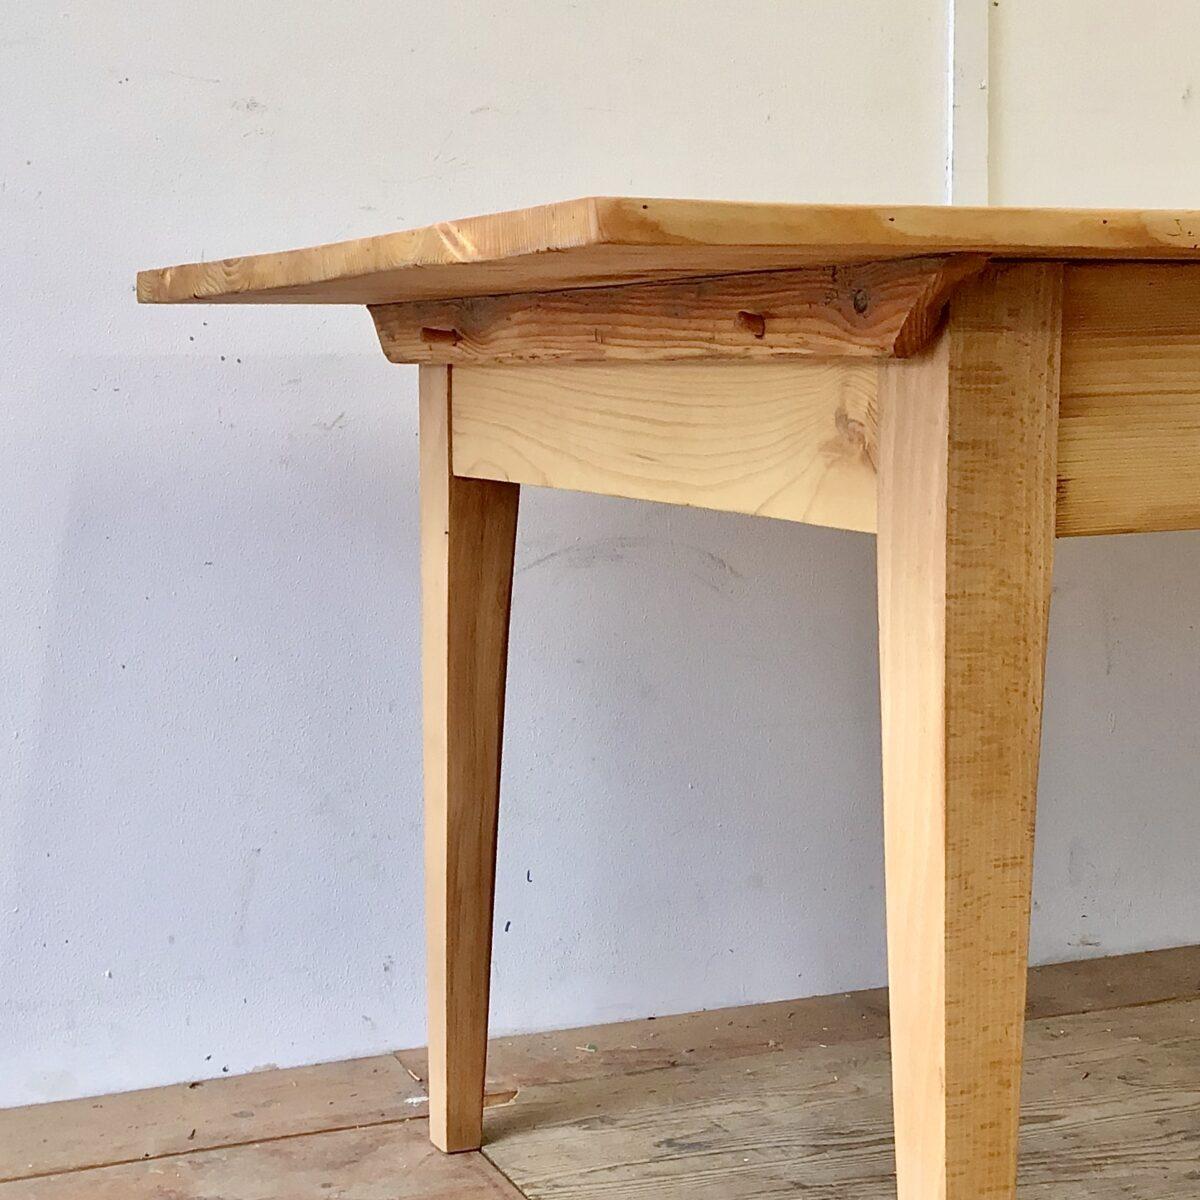 Grosser Tannenholz Biedermeiertisch mit Gratleisten. 270x93cm Höhe 75.5cm. Dieser lange Esstisch hat eine grosszügige tiefe im Vergleich zu anderen Biedermeiertischen aus der Zeit. Der Tisch ist frisch aufbereitet und stabil, die Holzoberfläche ist mit Naturöl behandelt. Das Tischblatt ist aufgelegt und mittels Holzzapfen mit dem Unterbau verbunden.